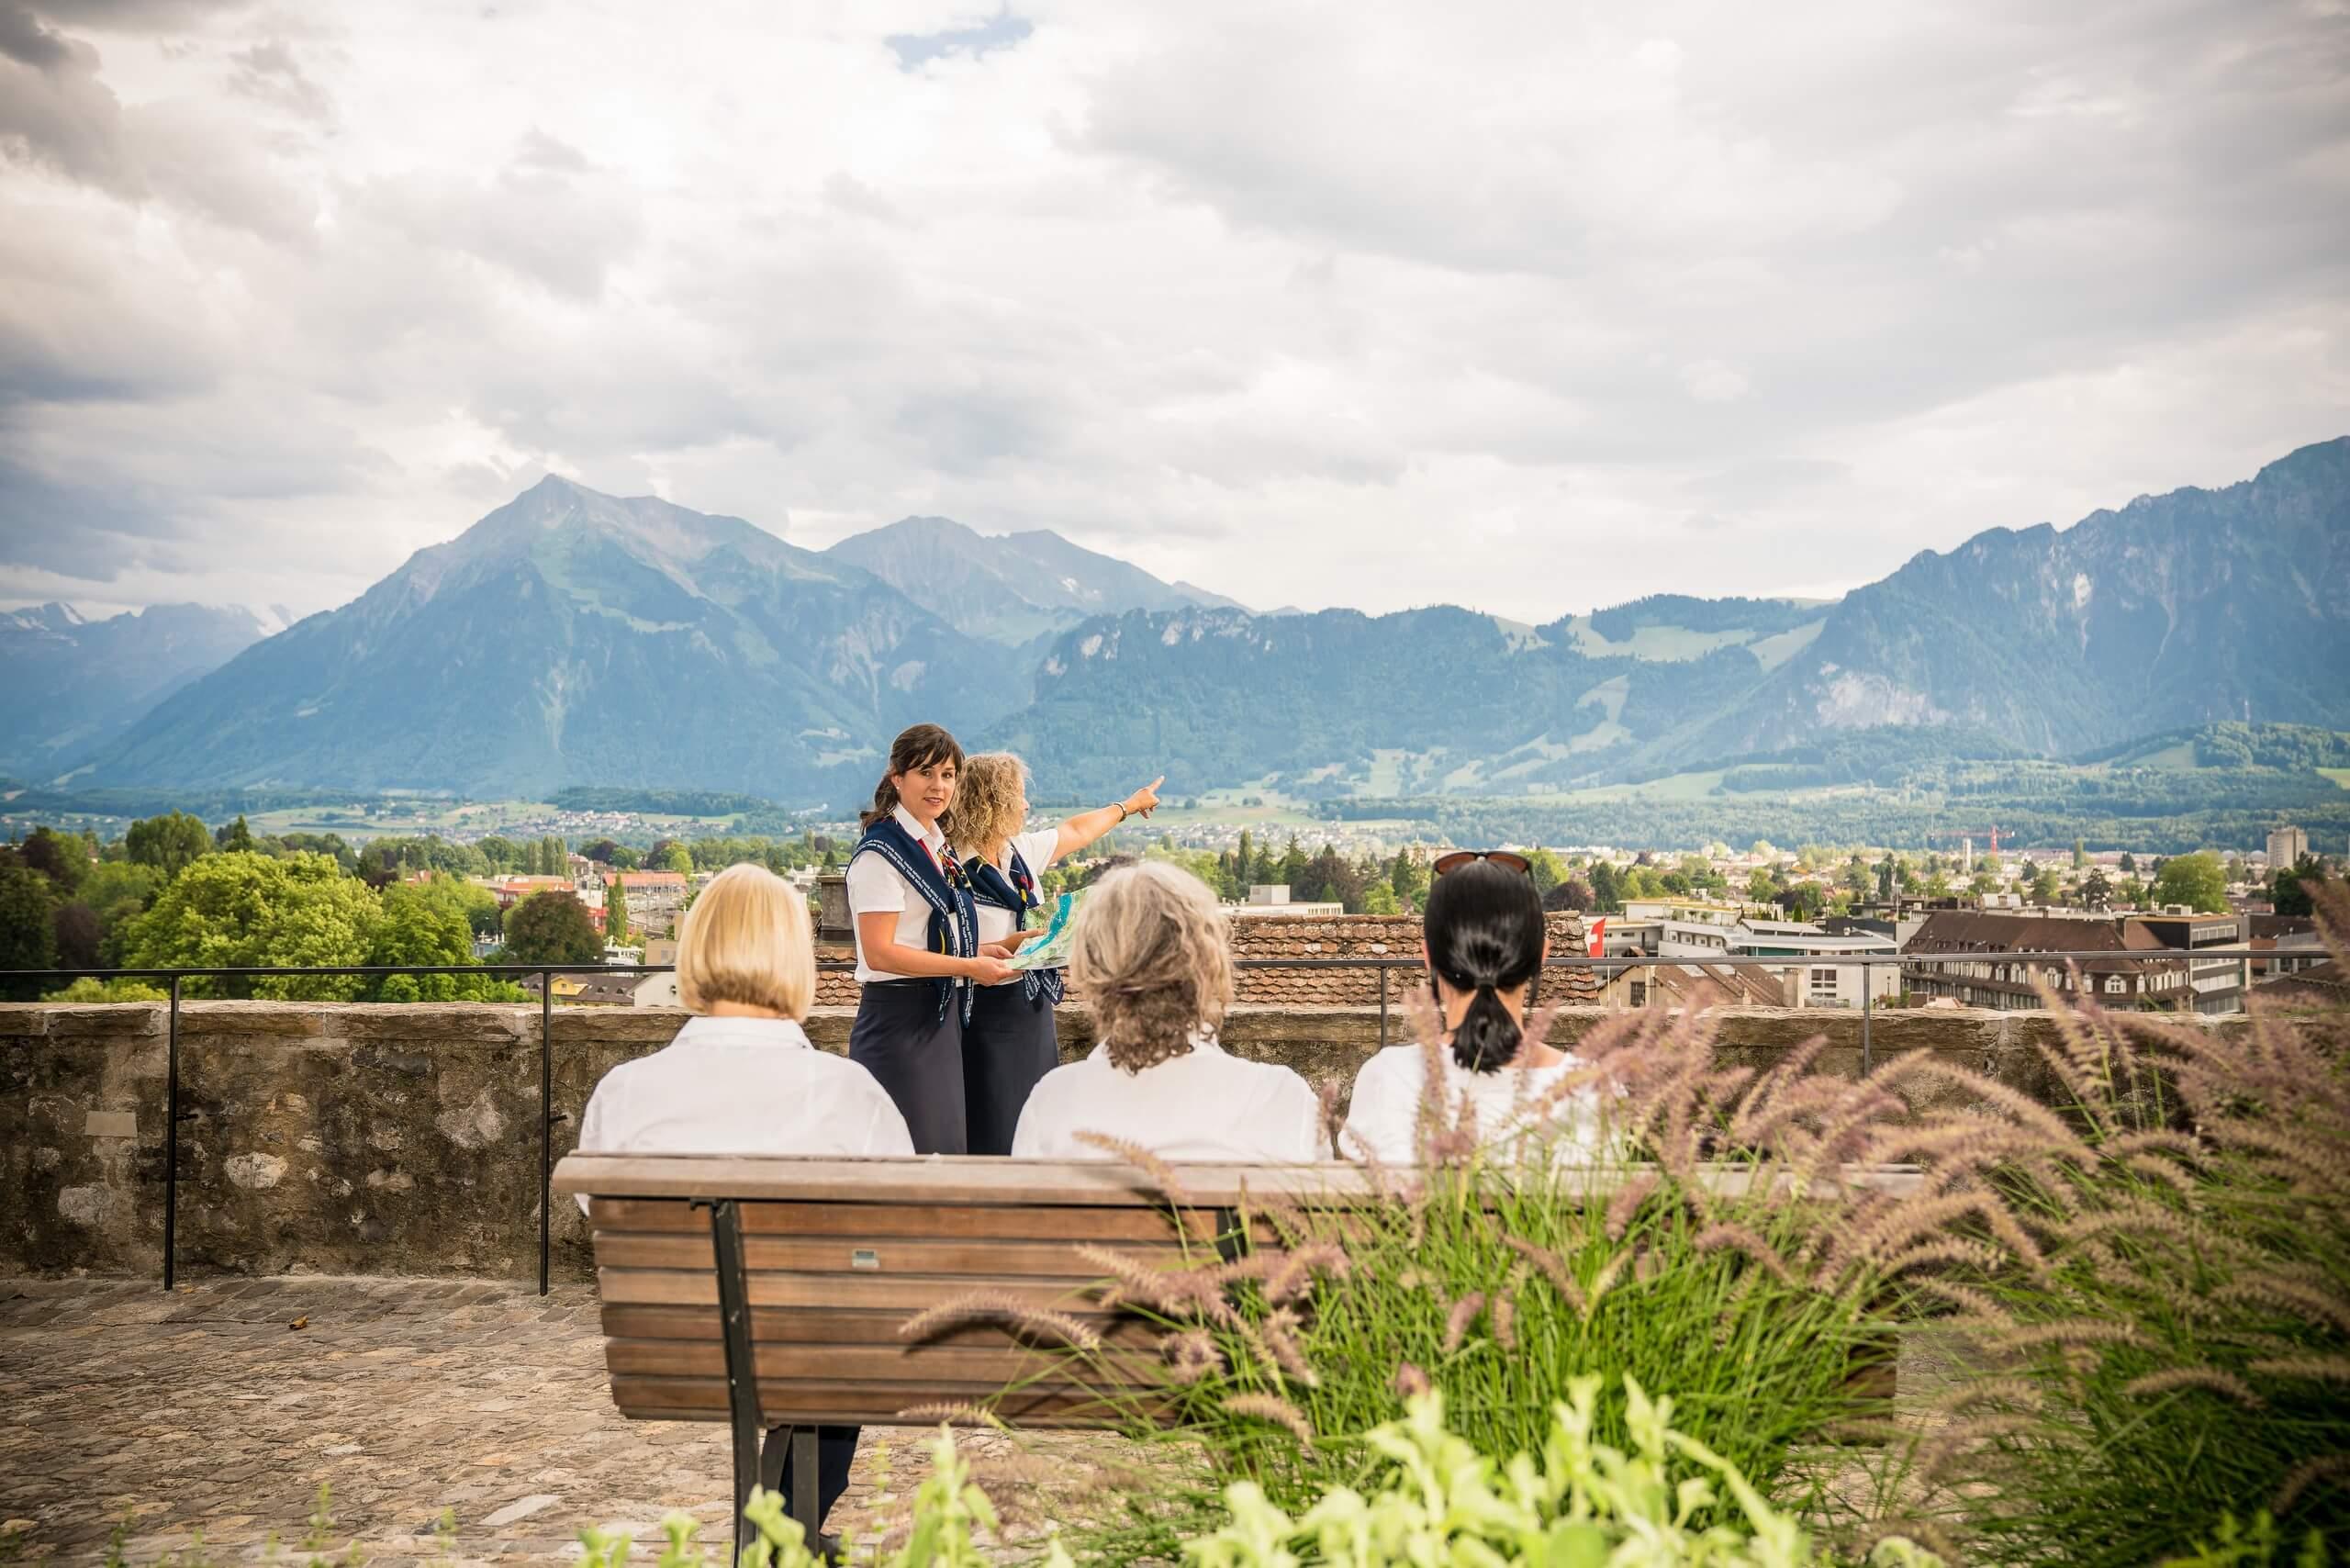 thun-stadtfuehrungen-sommer-panorama-gruppe-subthemenseite